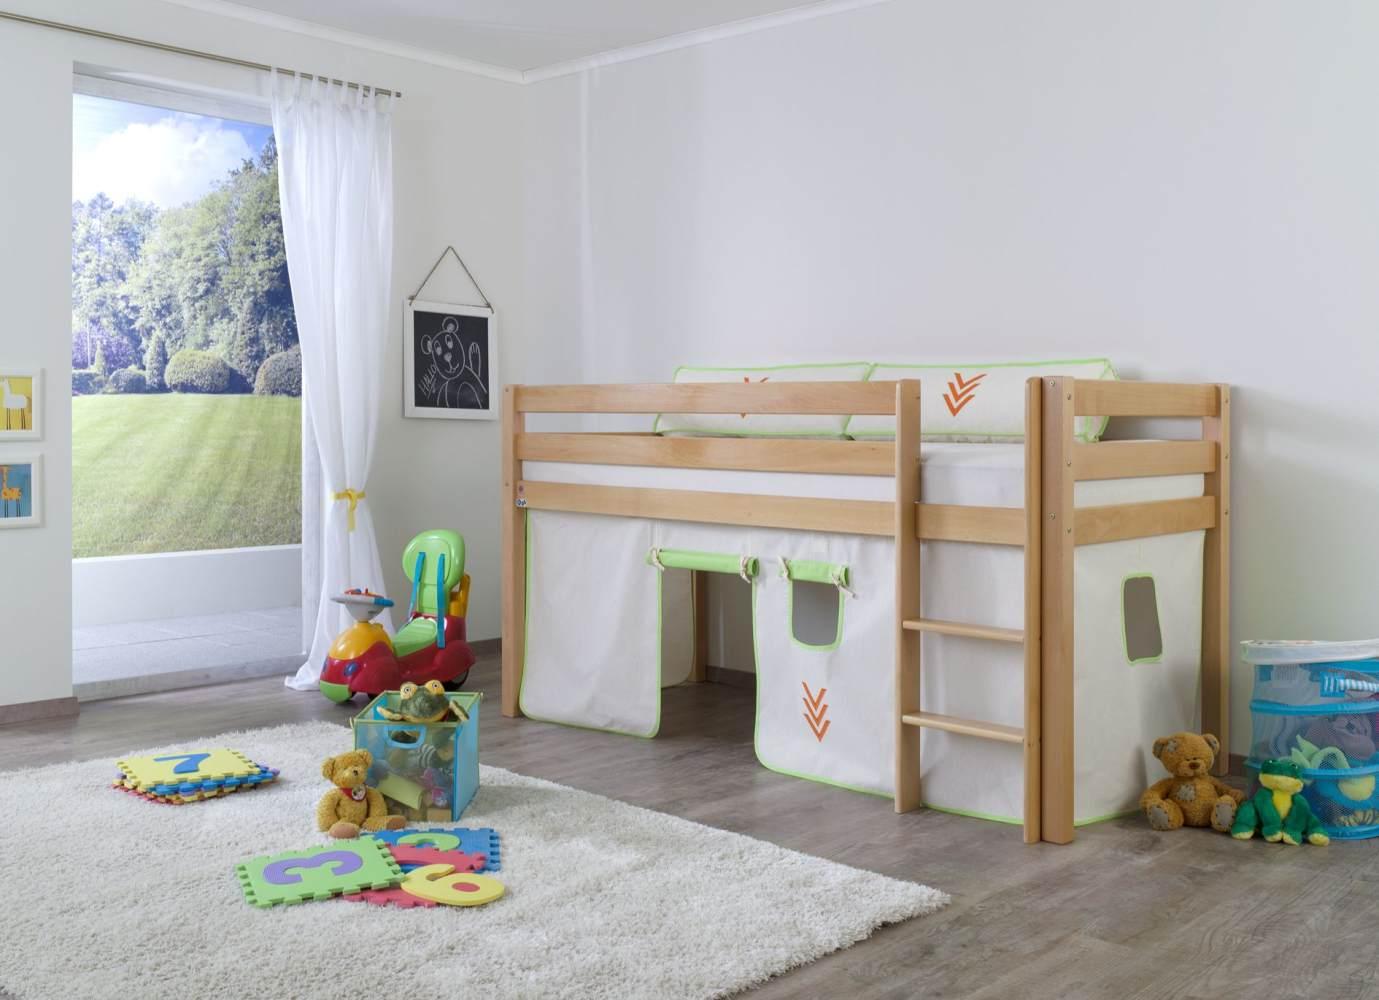 Halbhohes Spielbett ALEX Buche massiv natur lackiert mit Stoffset Vorhang Bild 1